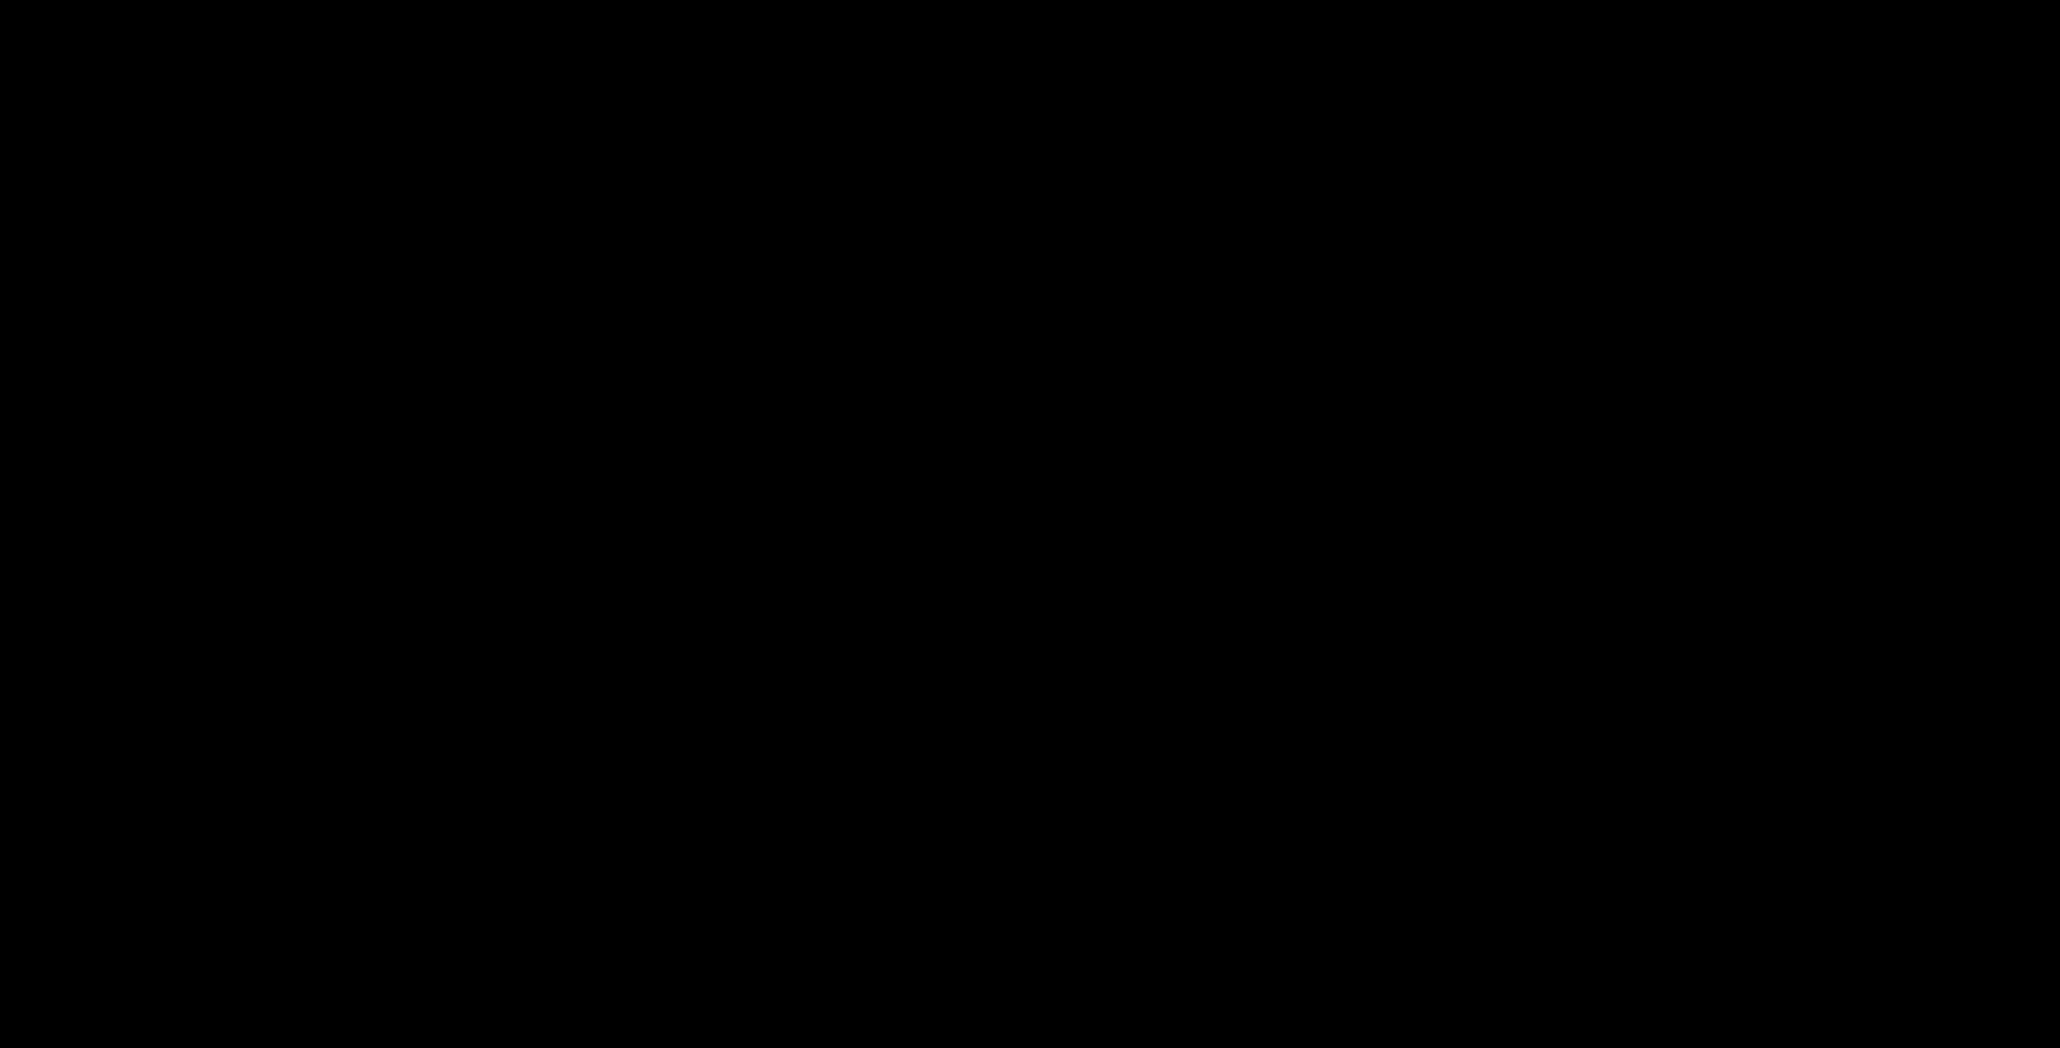 N-Feruloylserotonin-d<sub>3</sub>